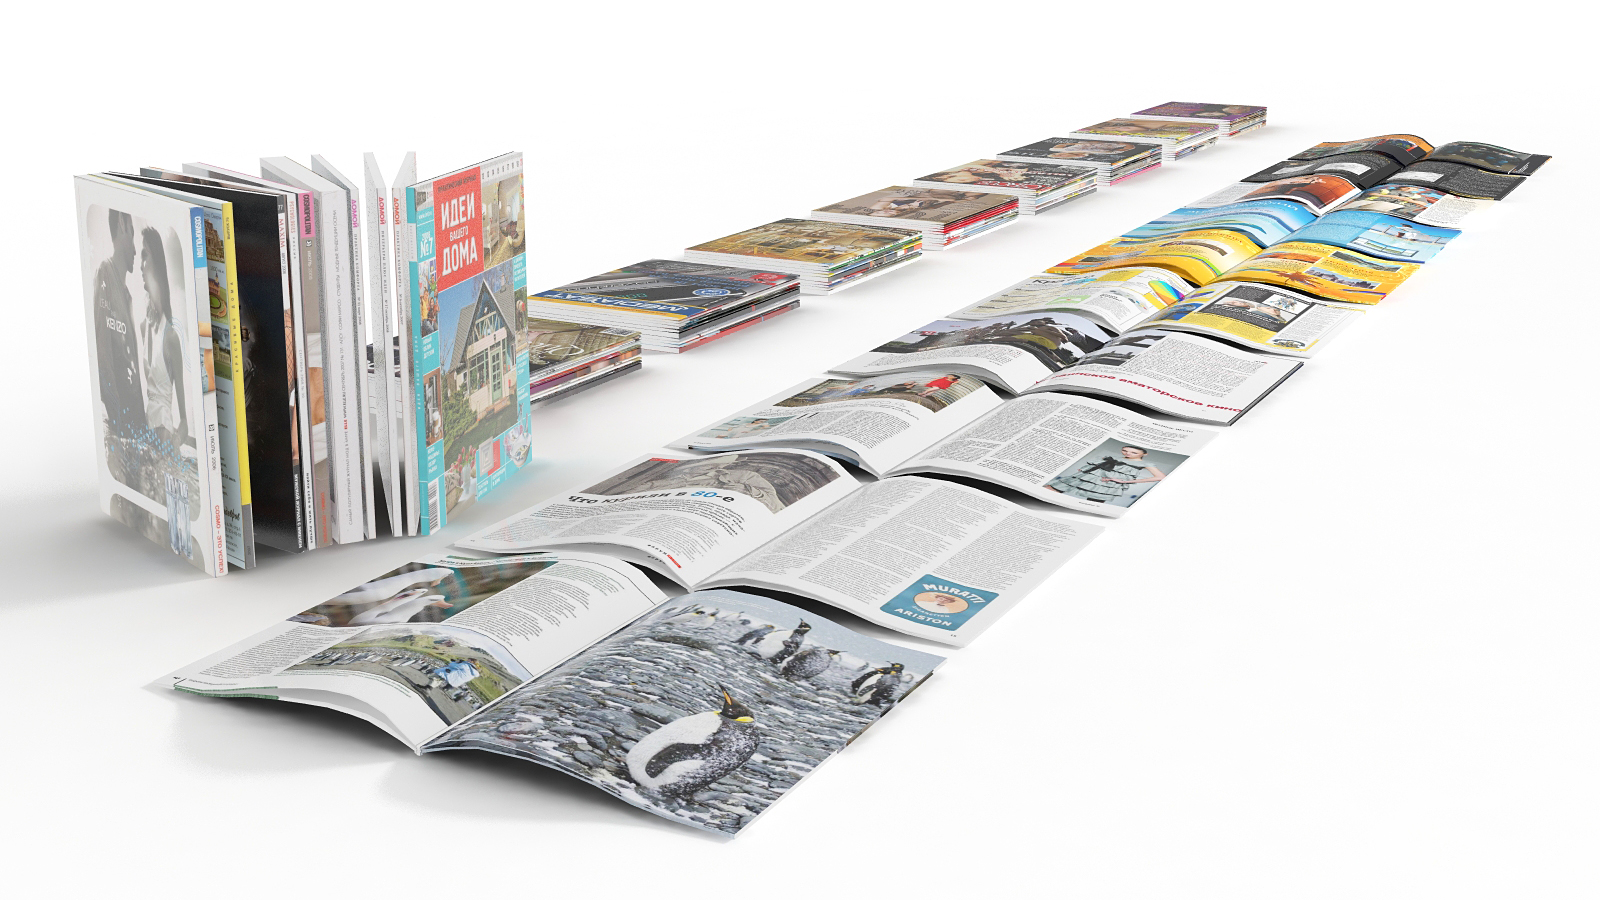 Сбор заказов. Уцененные книги, журналы, раскраски! Огромный выбор! Много новинок в распродаже! Появились открытки. Цены от 3 рублей. Экспресс. Выкуп 24. Стоп во вторник вечером